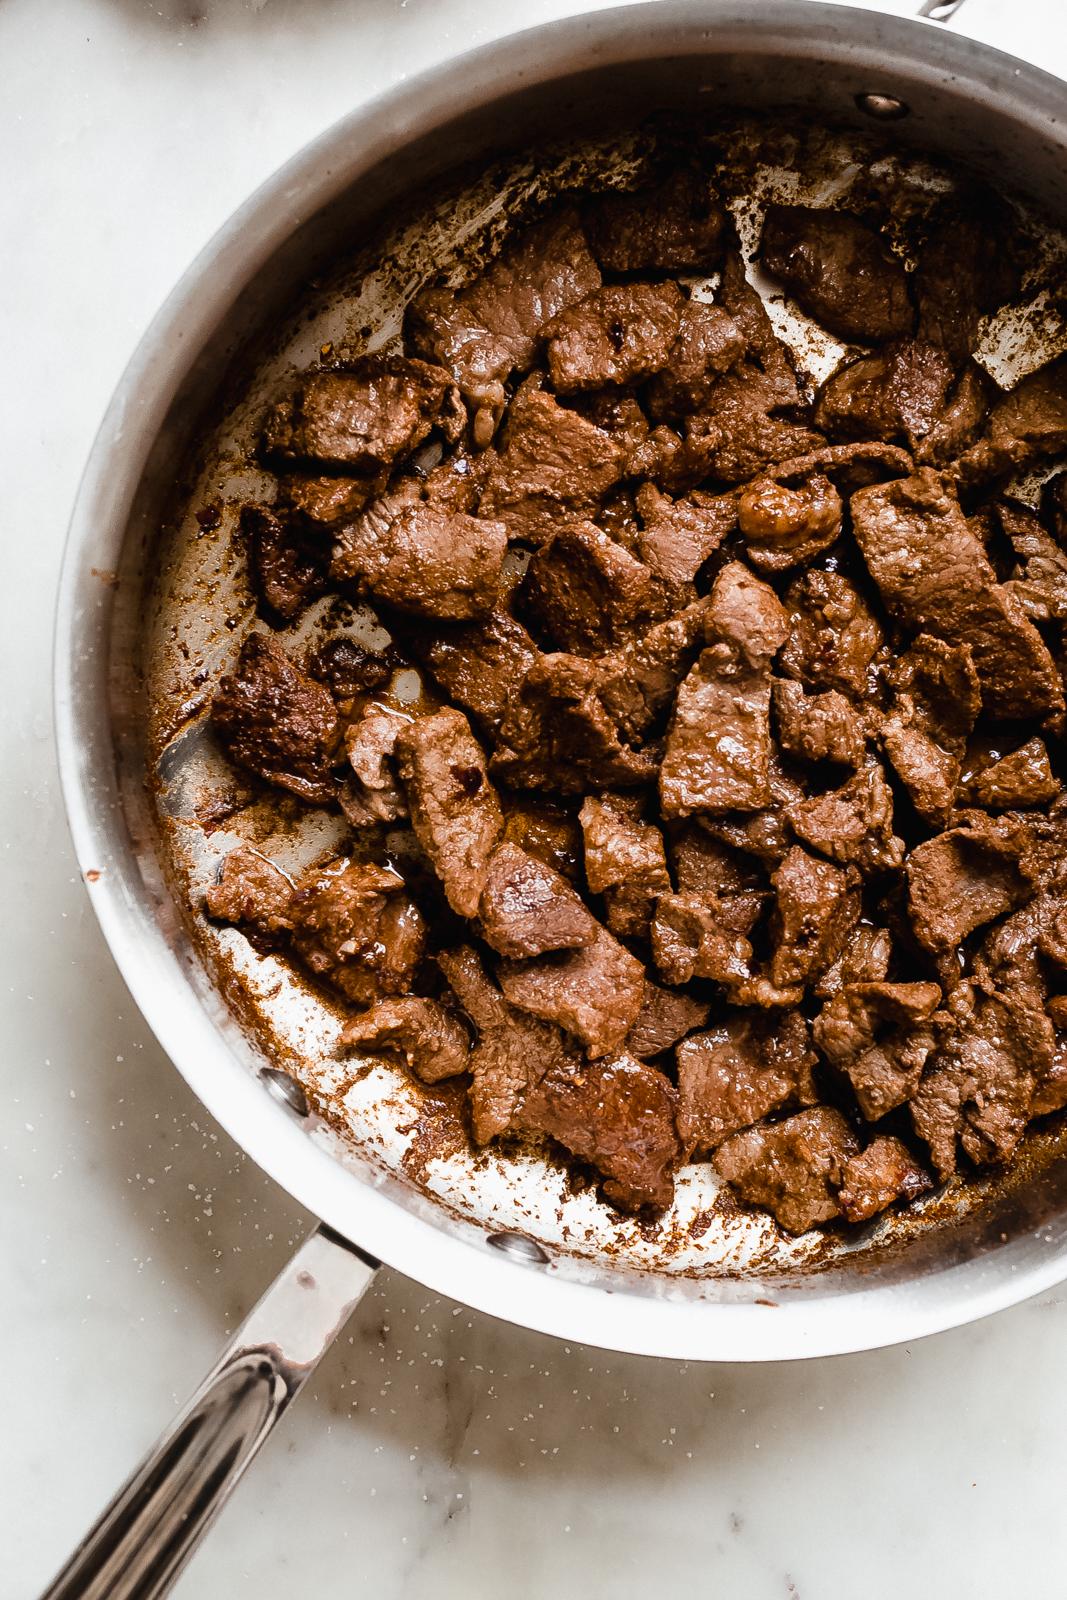 seared steak in pan